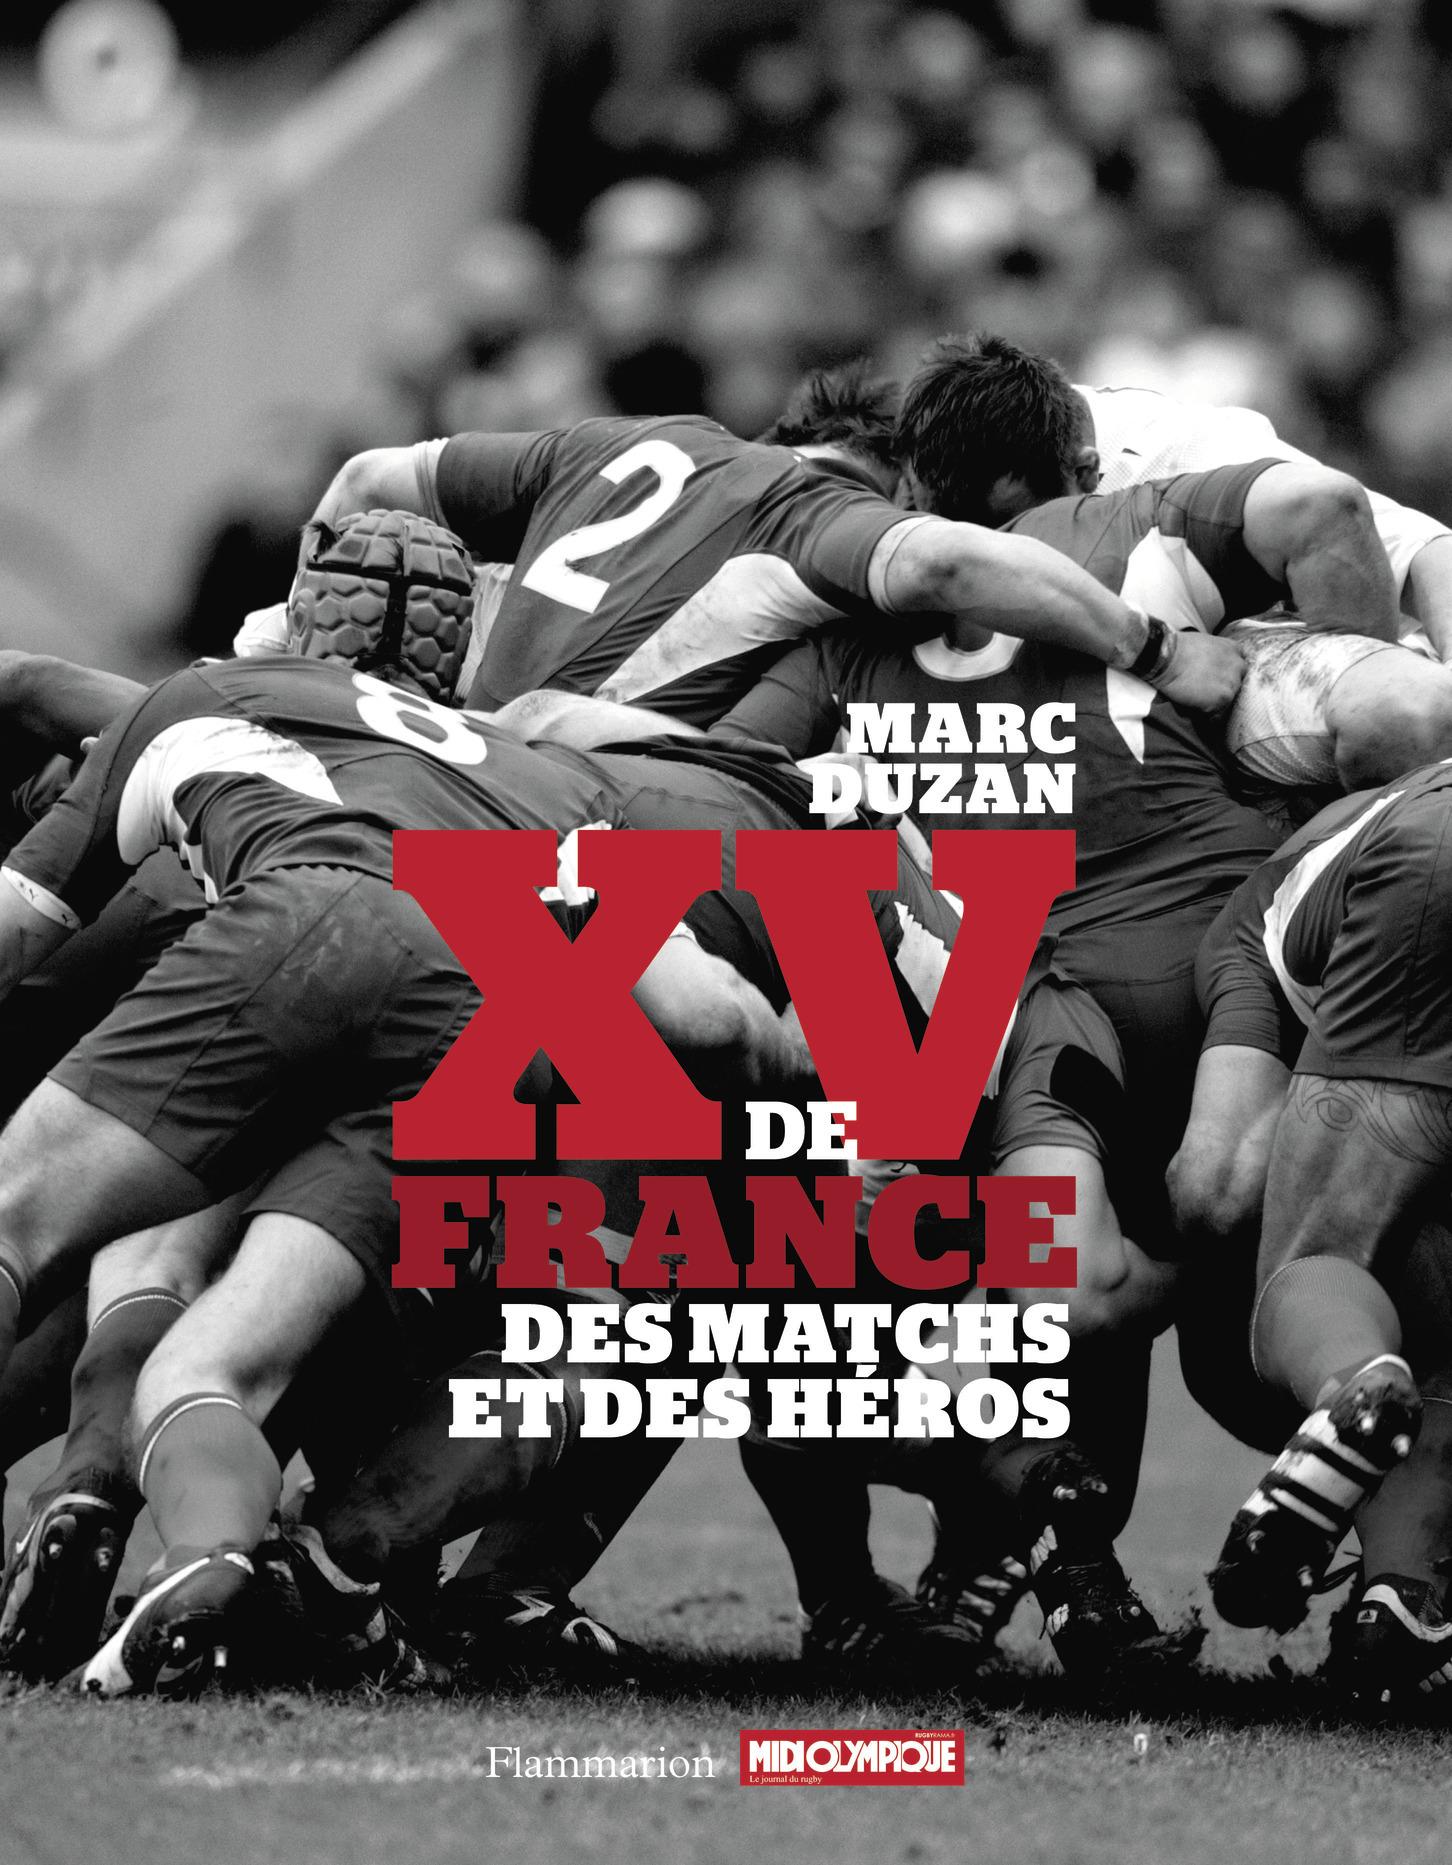 XV DE FRANCE - DES MATCHS ET DES HEROS